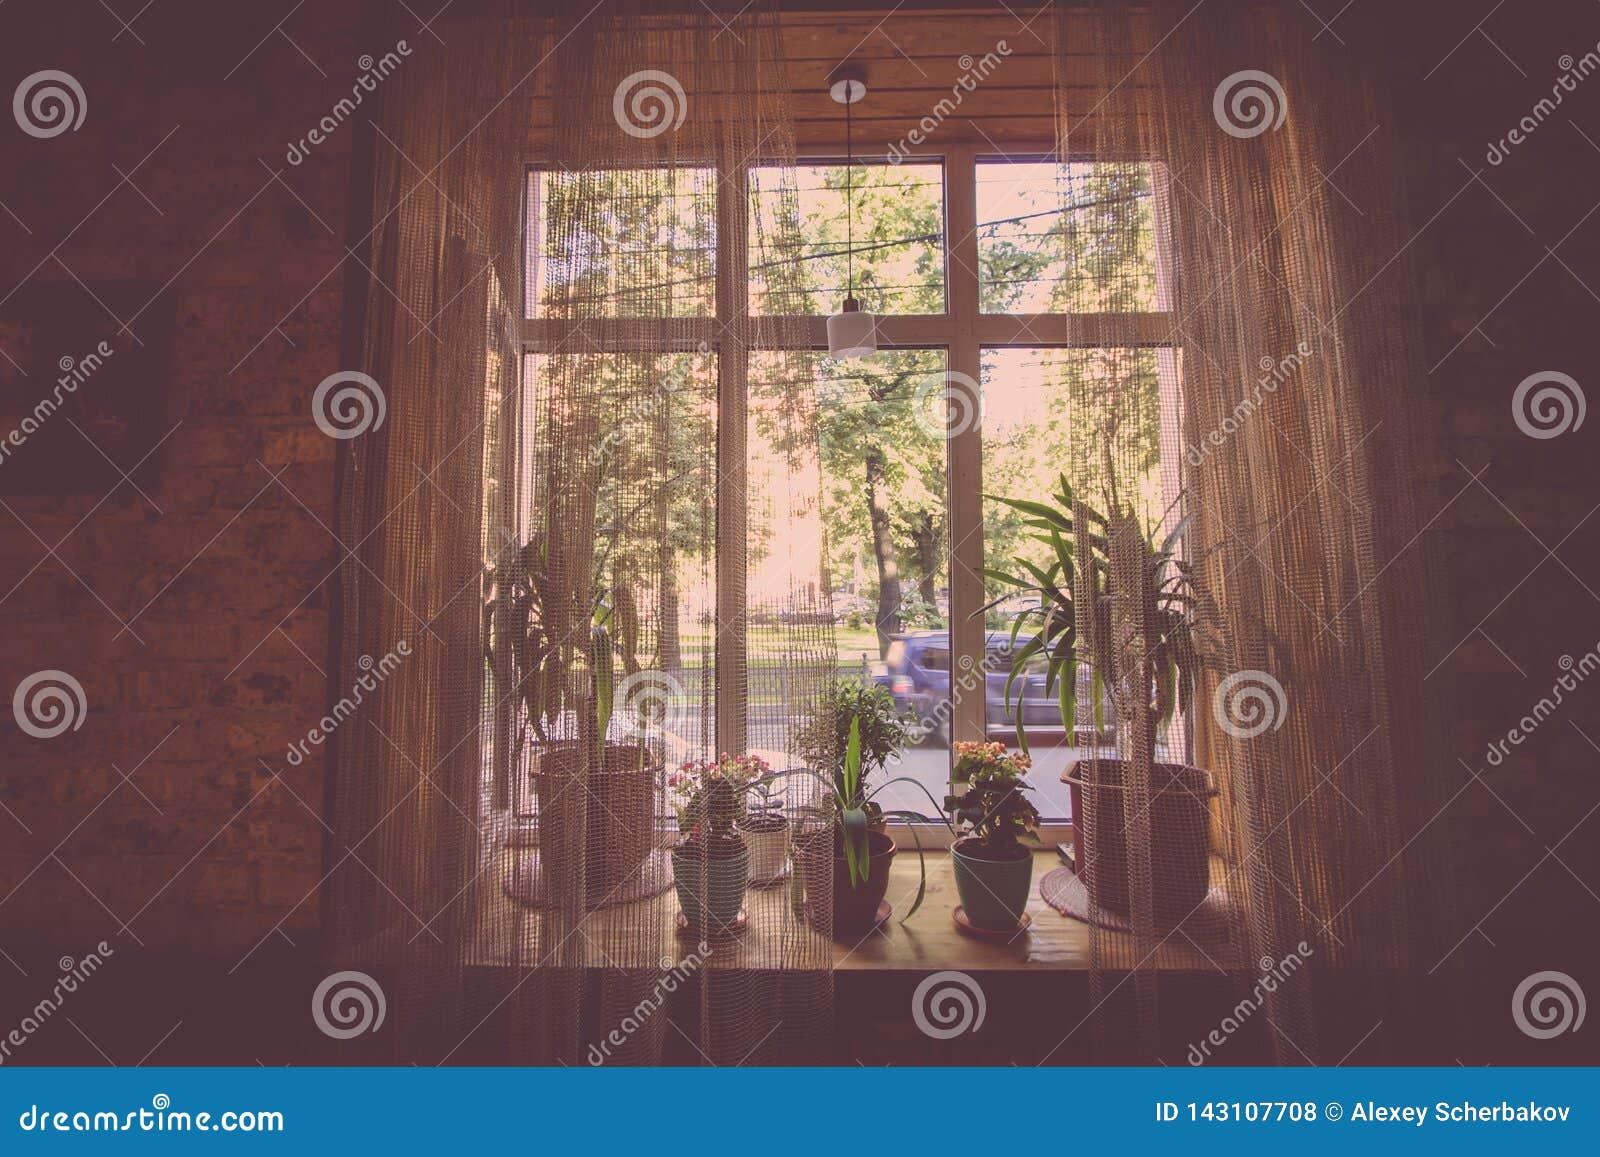 Een venster met gordijnen van één van de stadskoffie in de stijl van een inschrijving